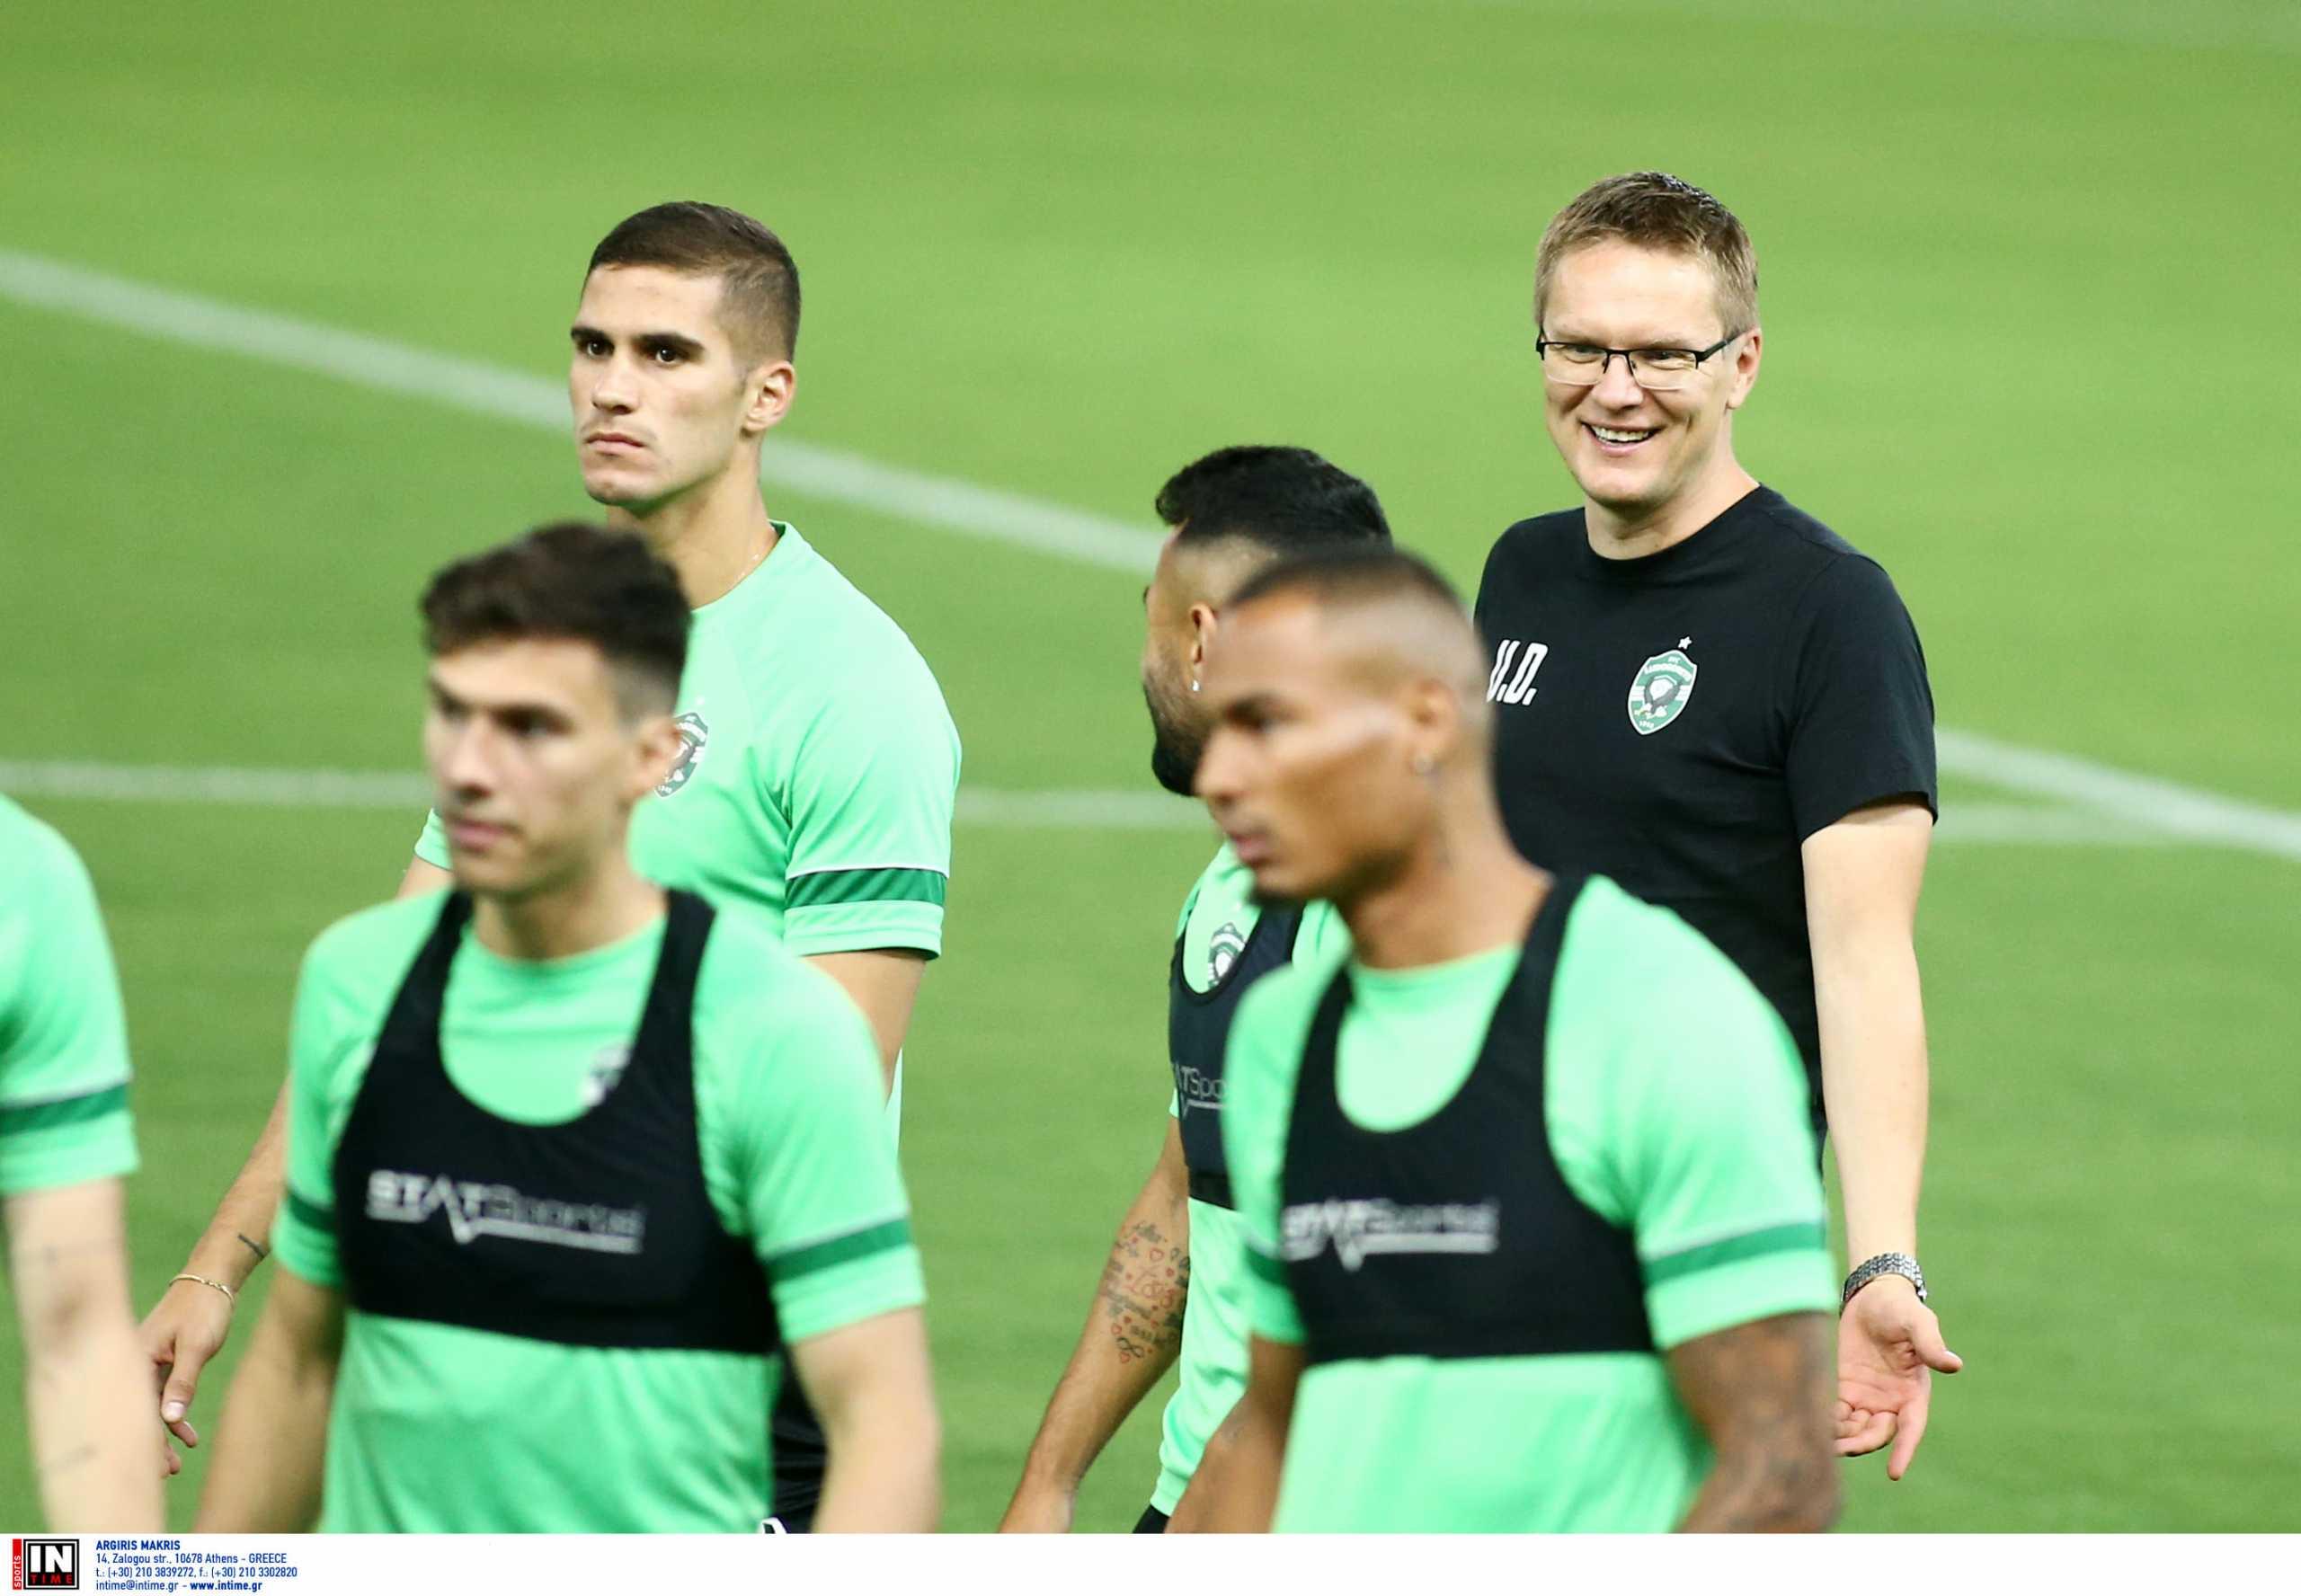 Λουντογκόρετς – Ολυμπιακός: «50-50 οι πιθανότητες πρόκρισης» λέει ο Ντομπράουσκας